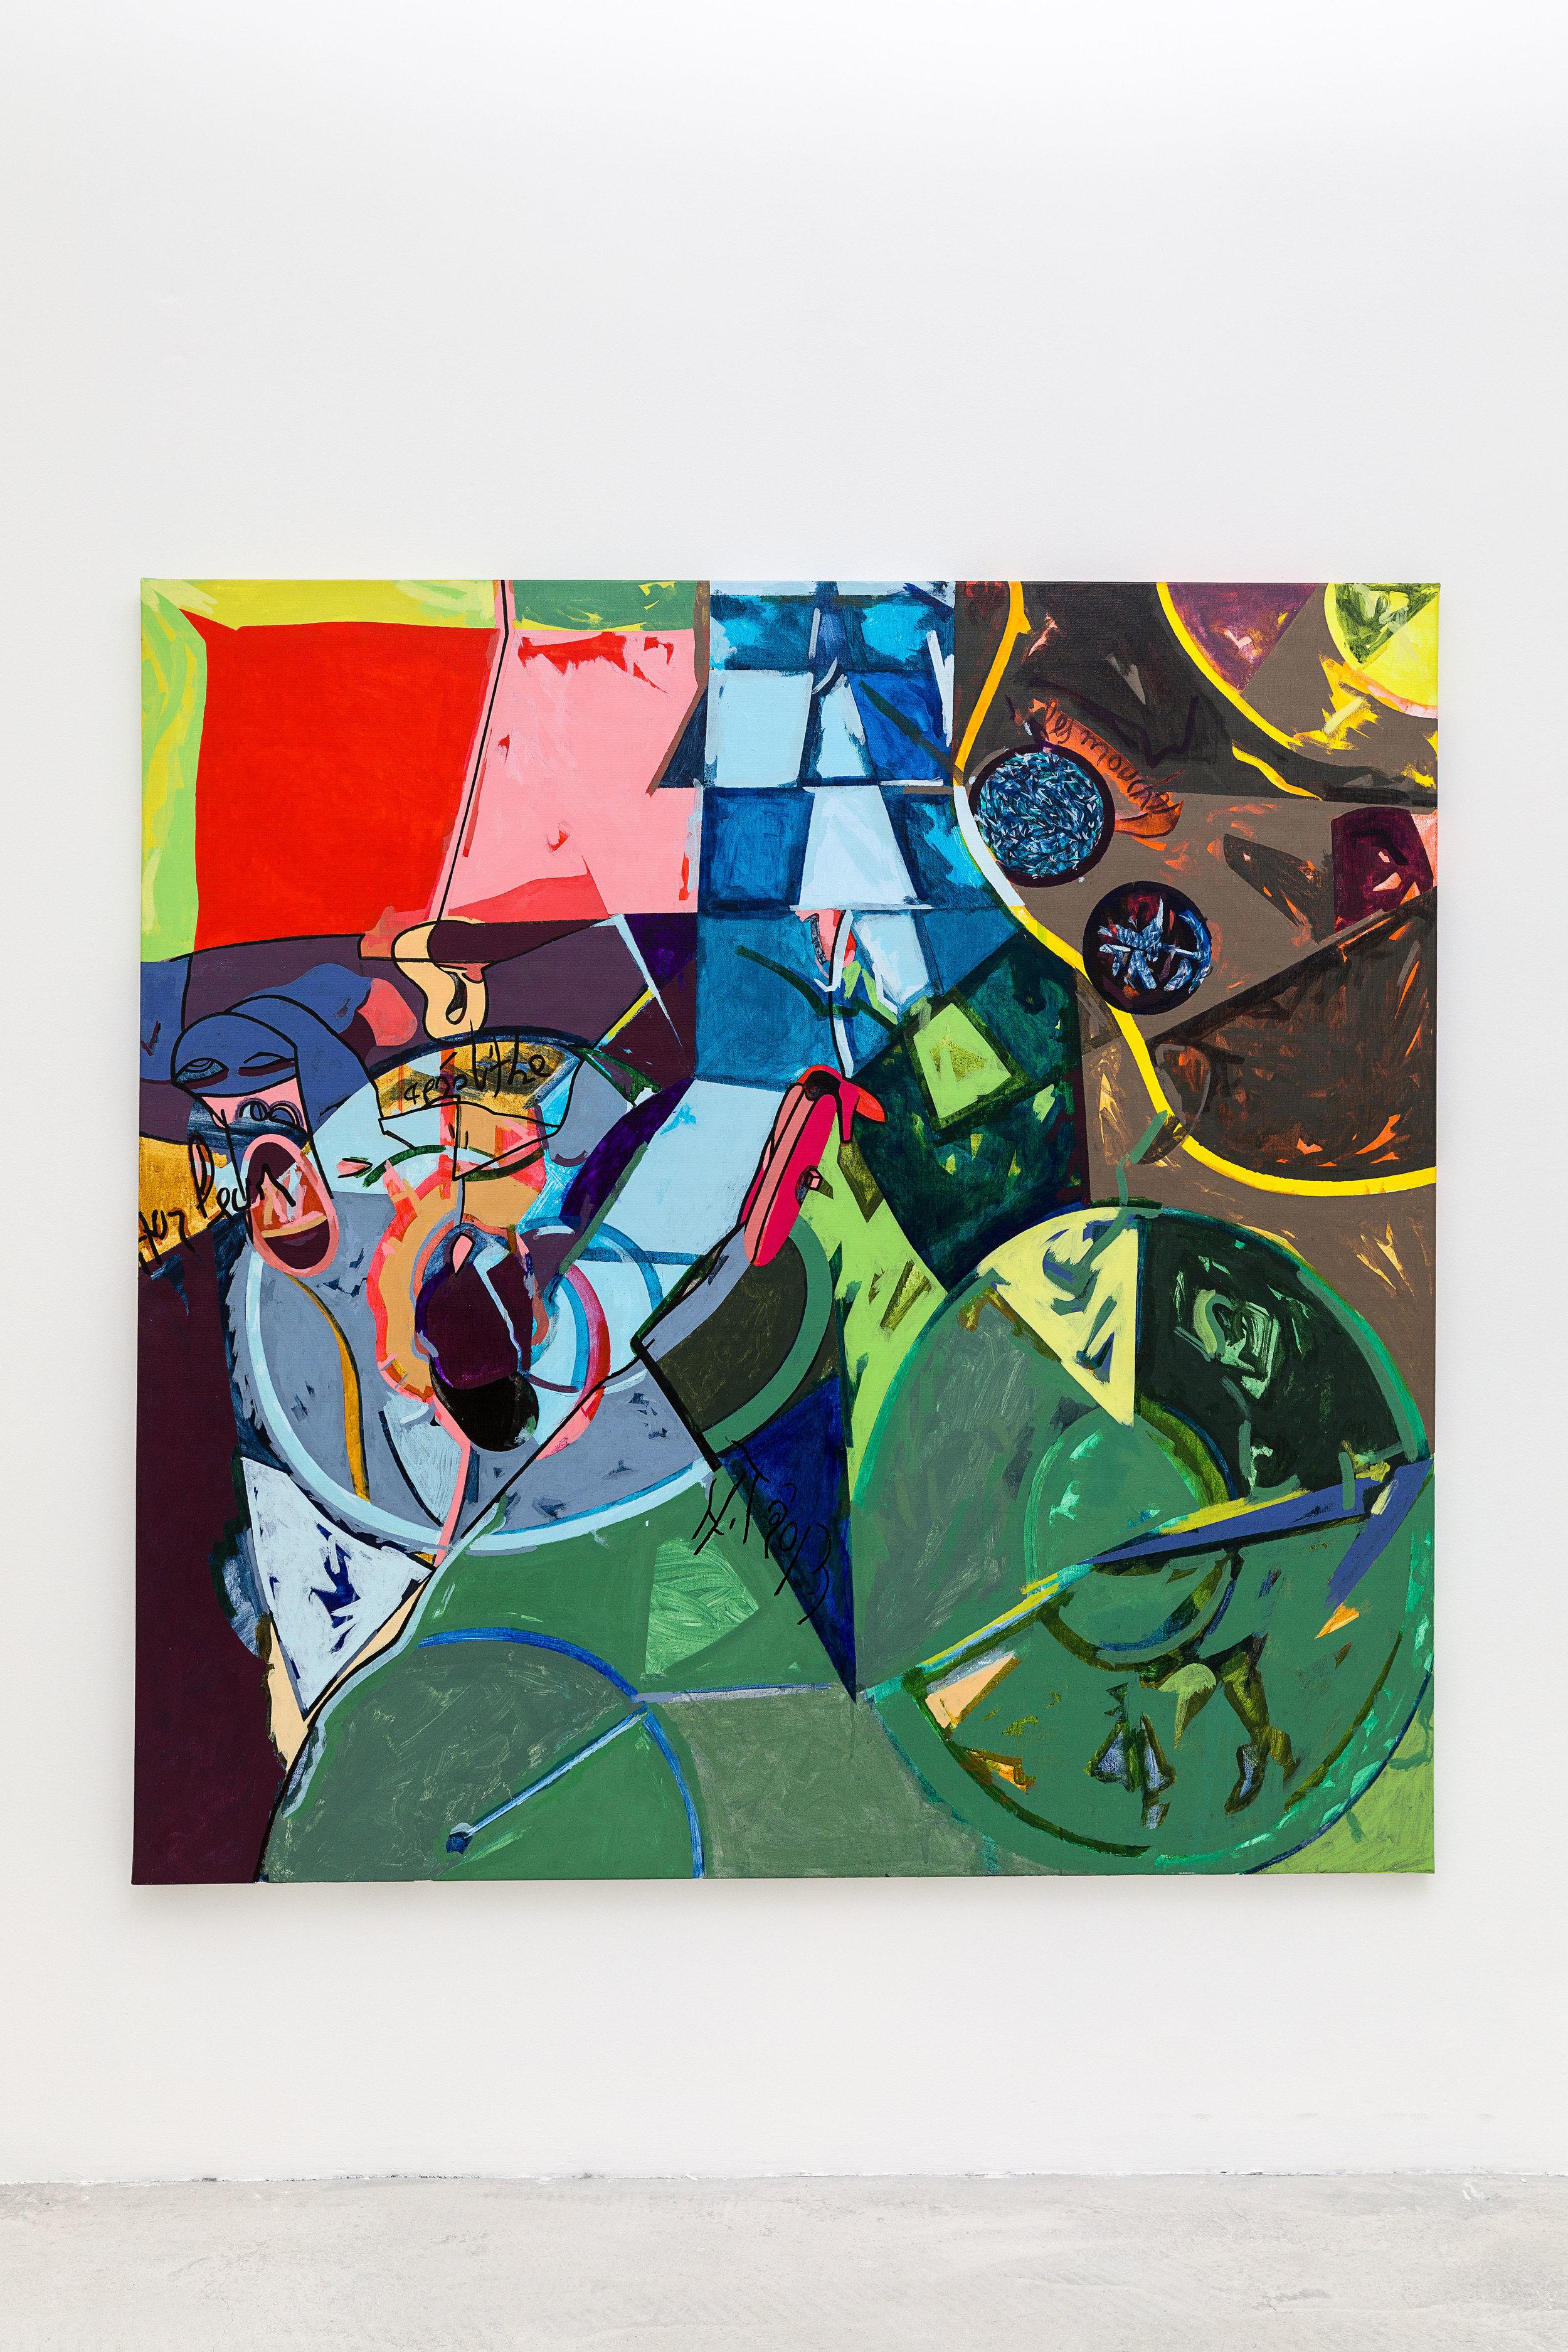 Les Mouches, 2012, Acrylique sur toile, 162x162 cm